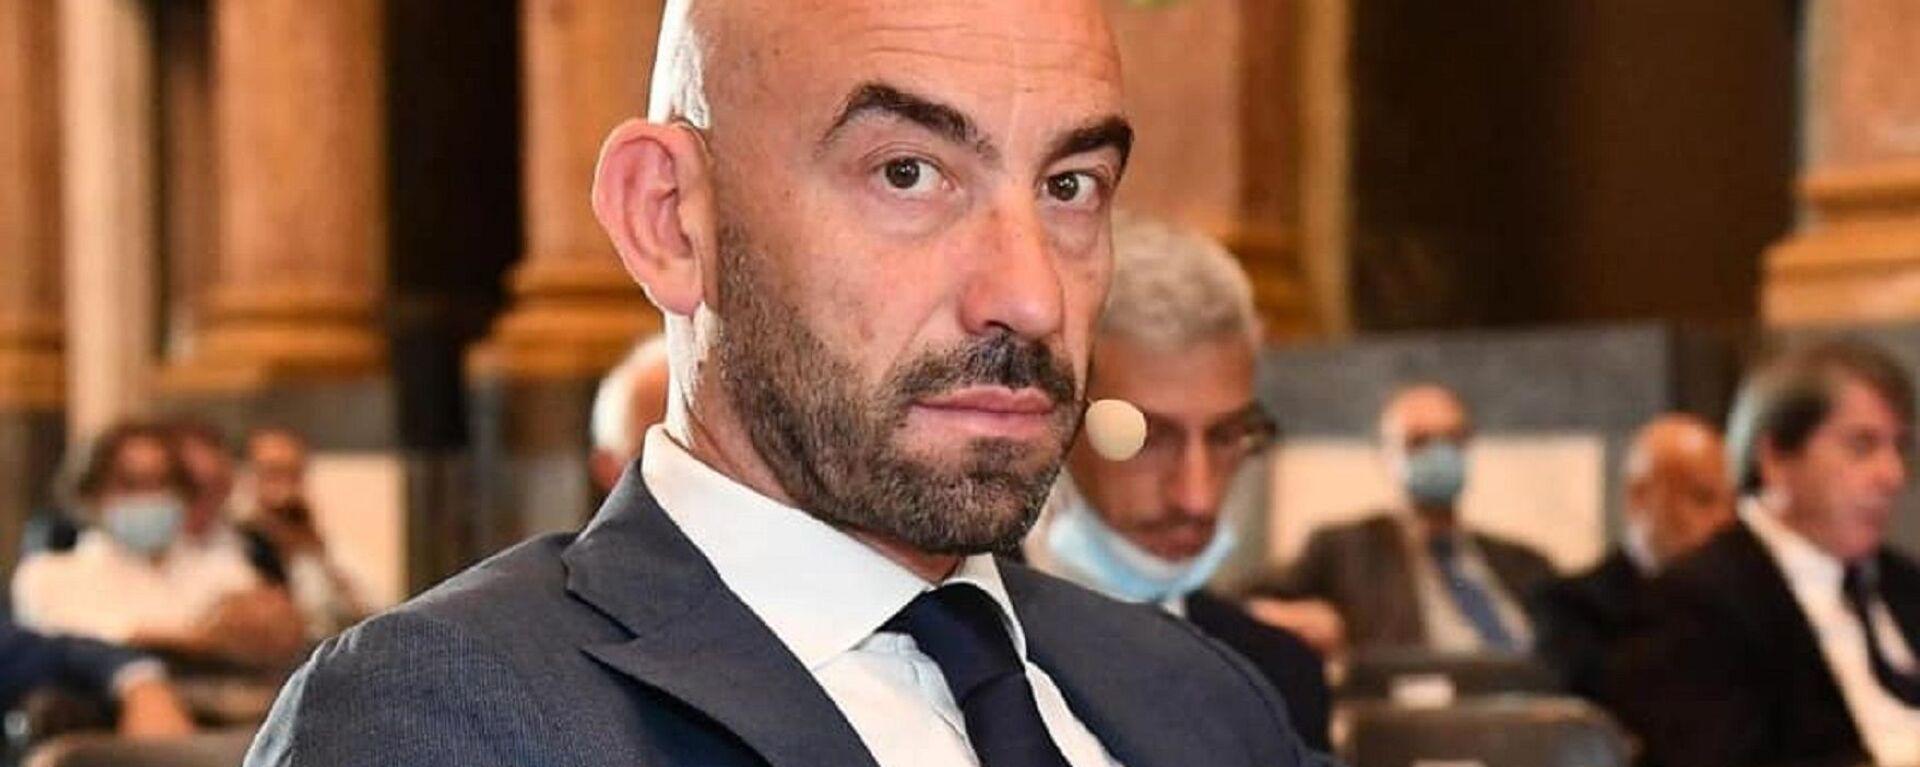 Matteo Bassetti - Sputnik Italia, 1920, 24.08.2021